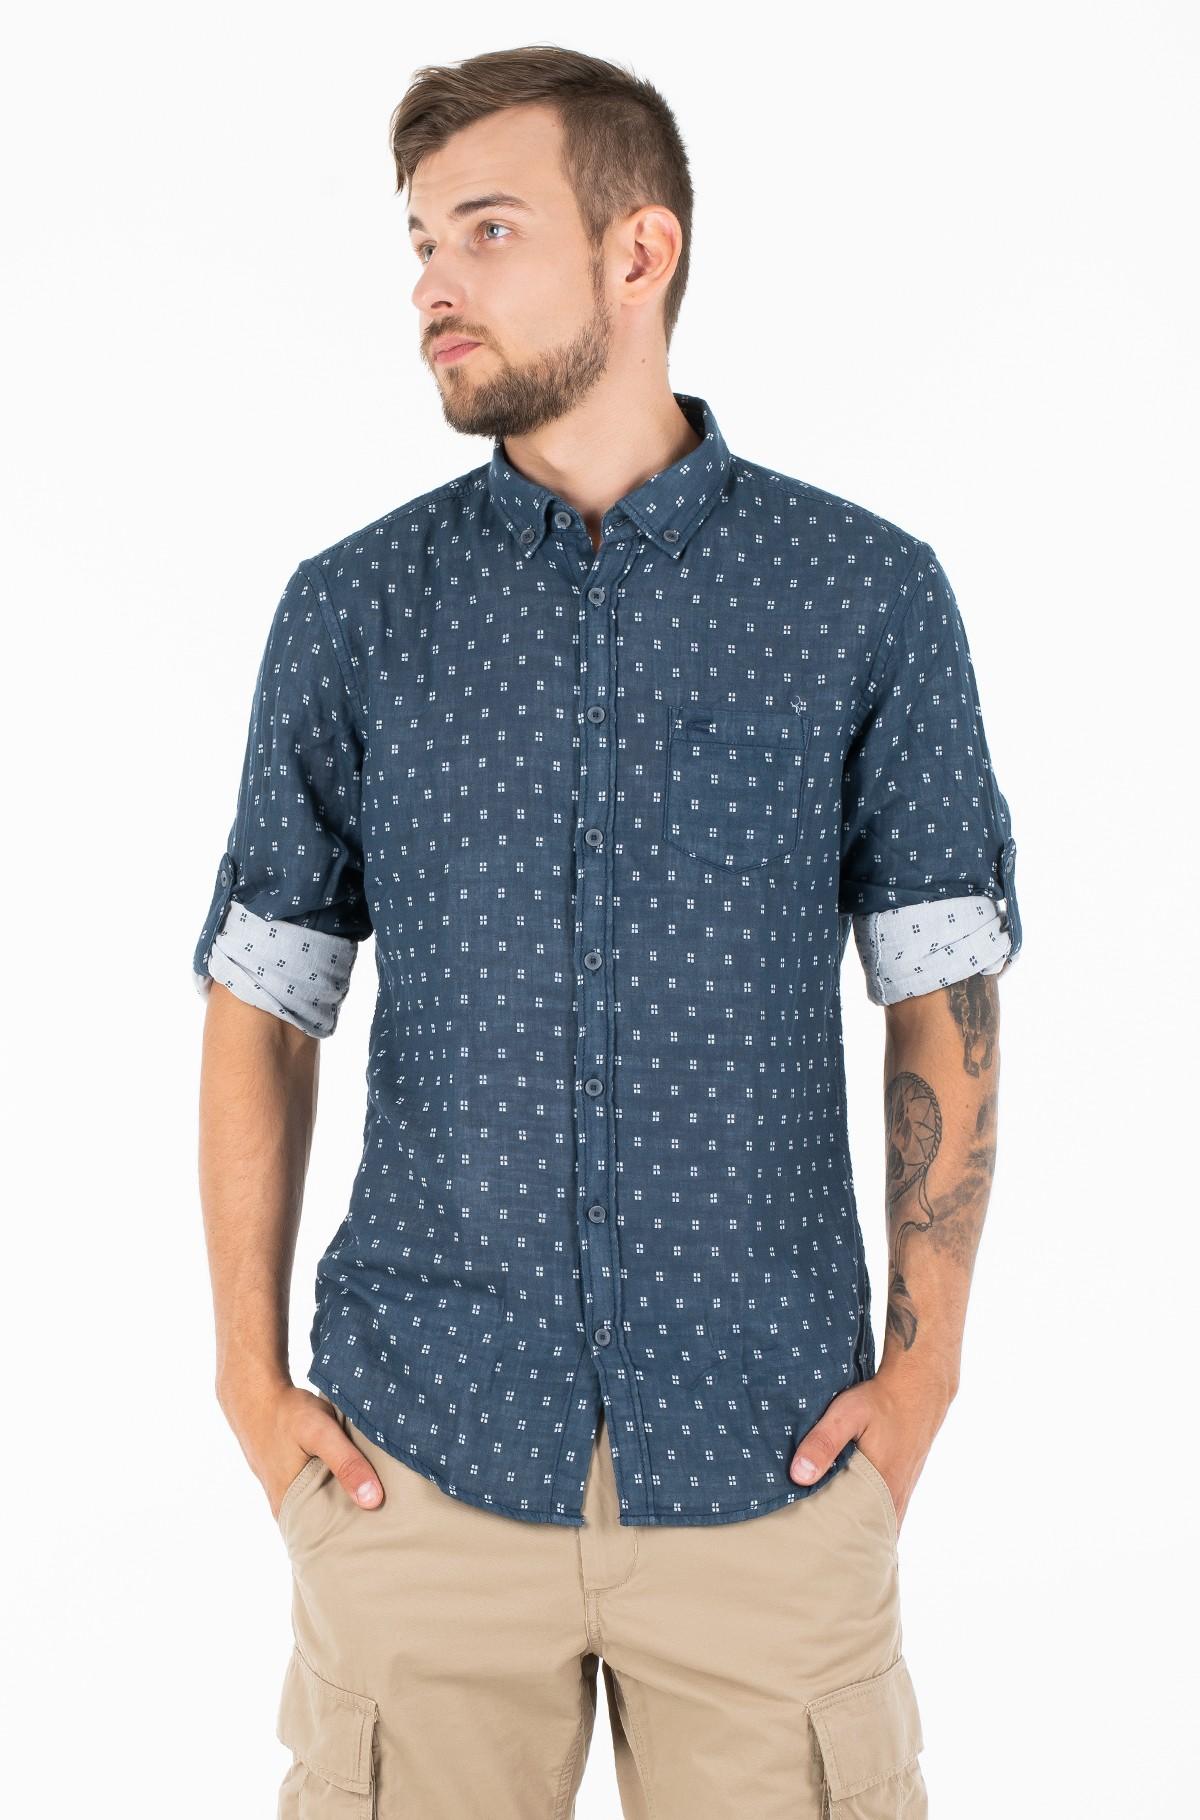 Lininiai marškiniai 31.125102-full-1